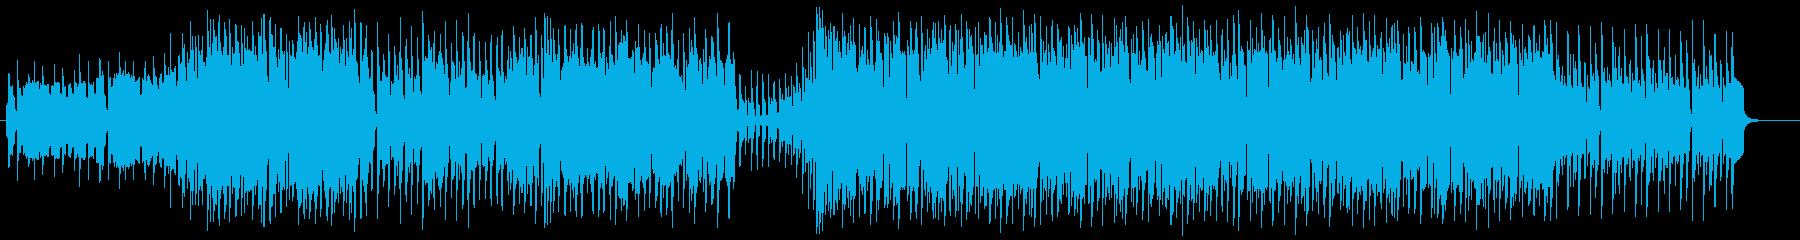 チップチューンを使った軽快なポップの再生済みの波形